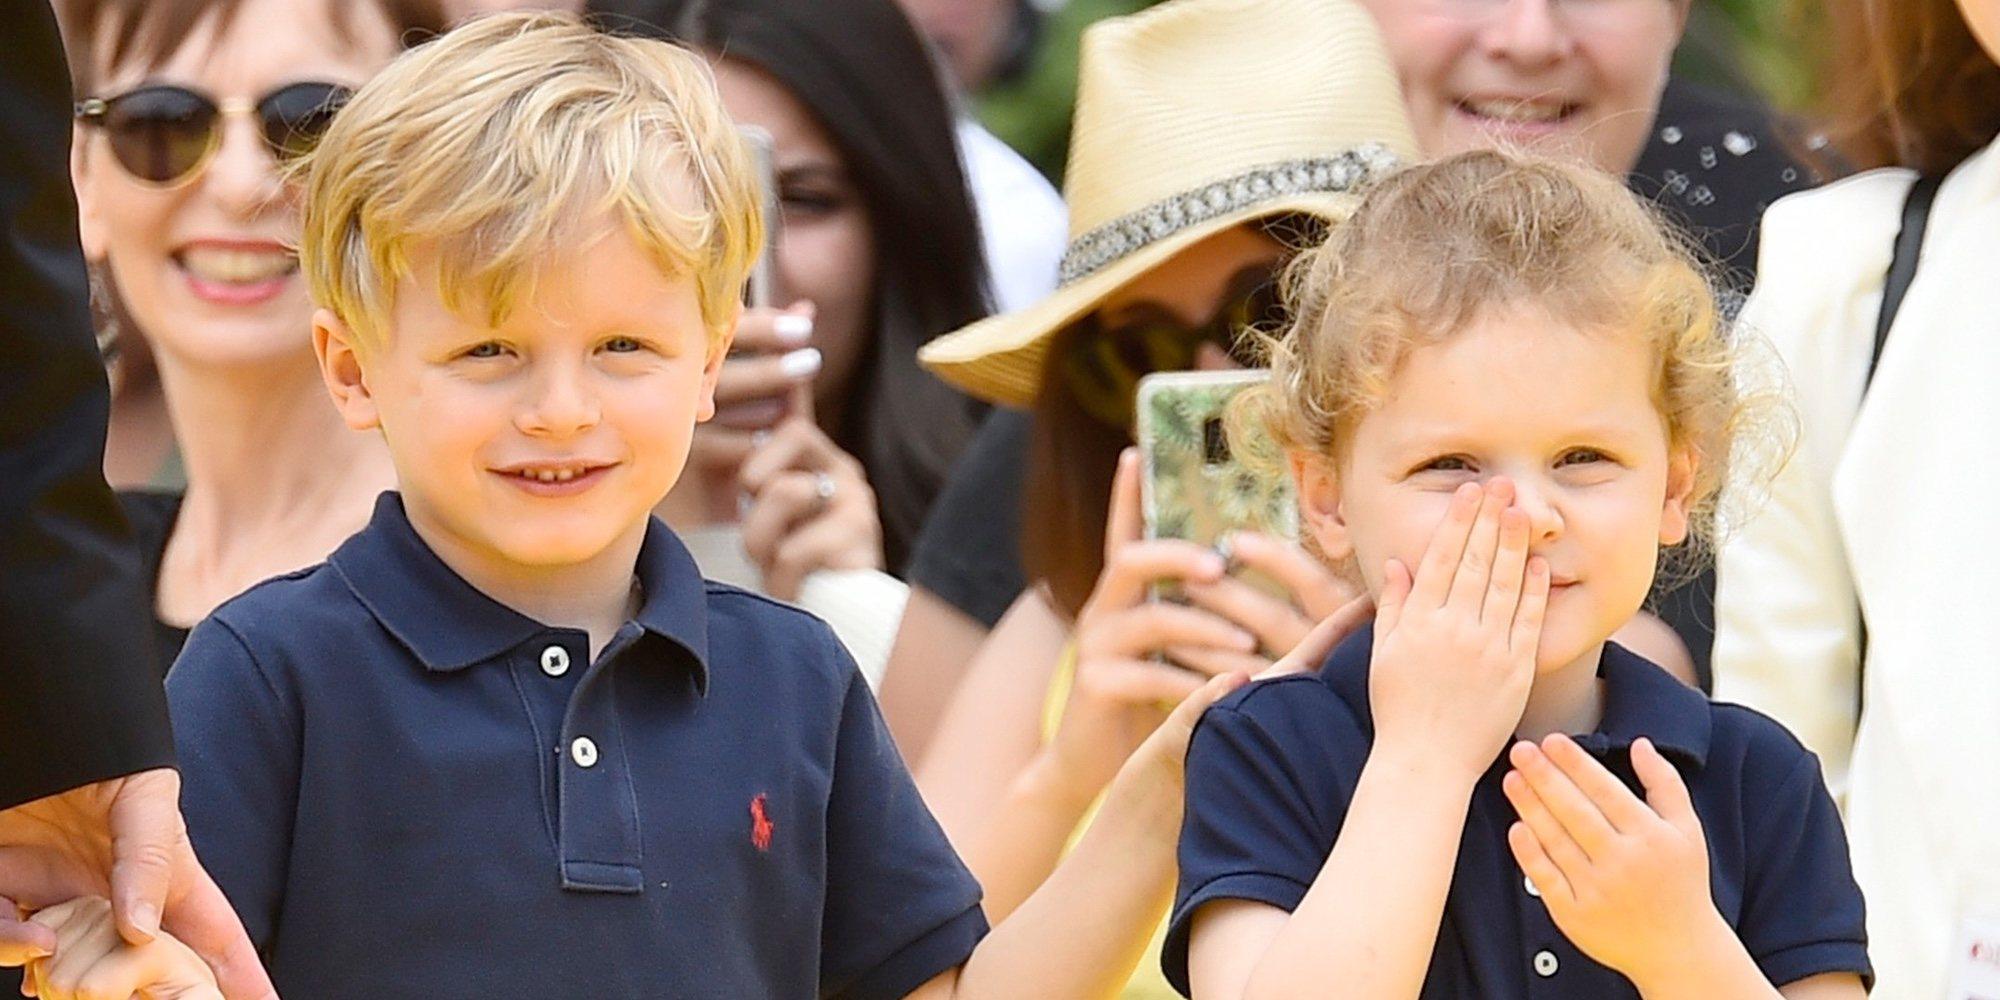 El tierno vídeo con mensaje con el que Jacques y Gabriella de Mónaco celebran su 5 cumpleaños